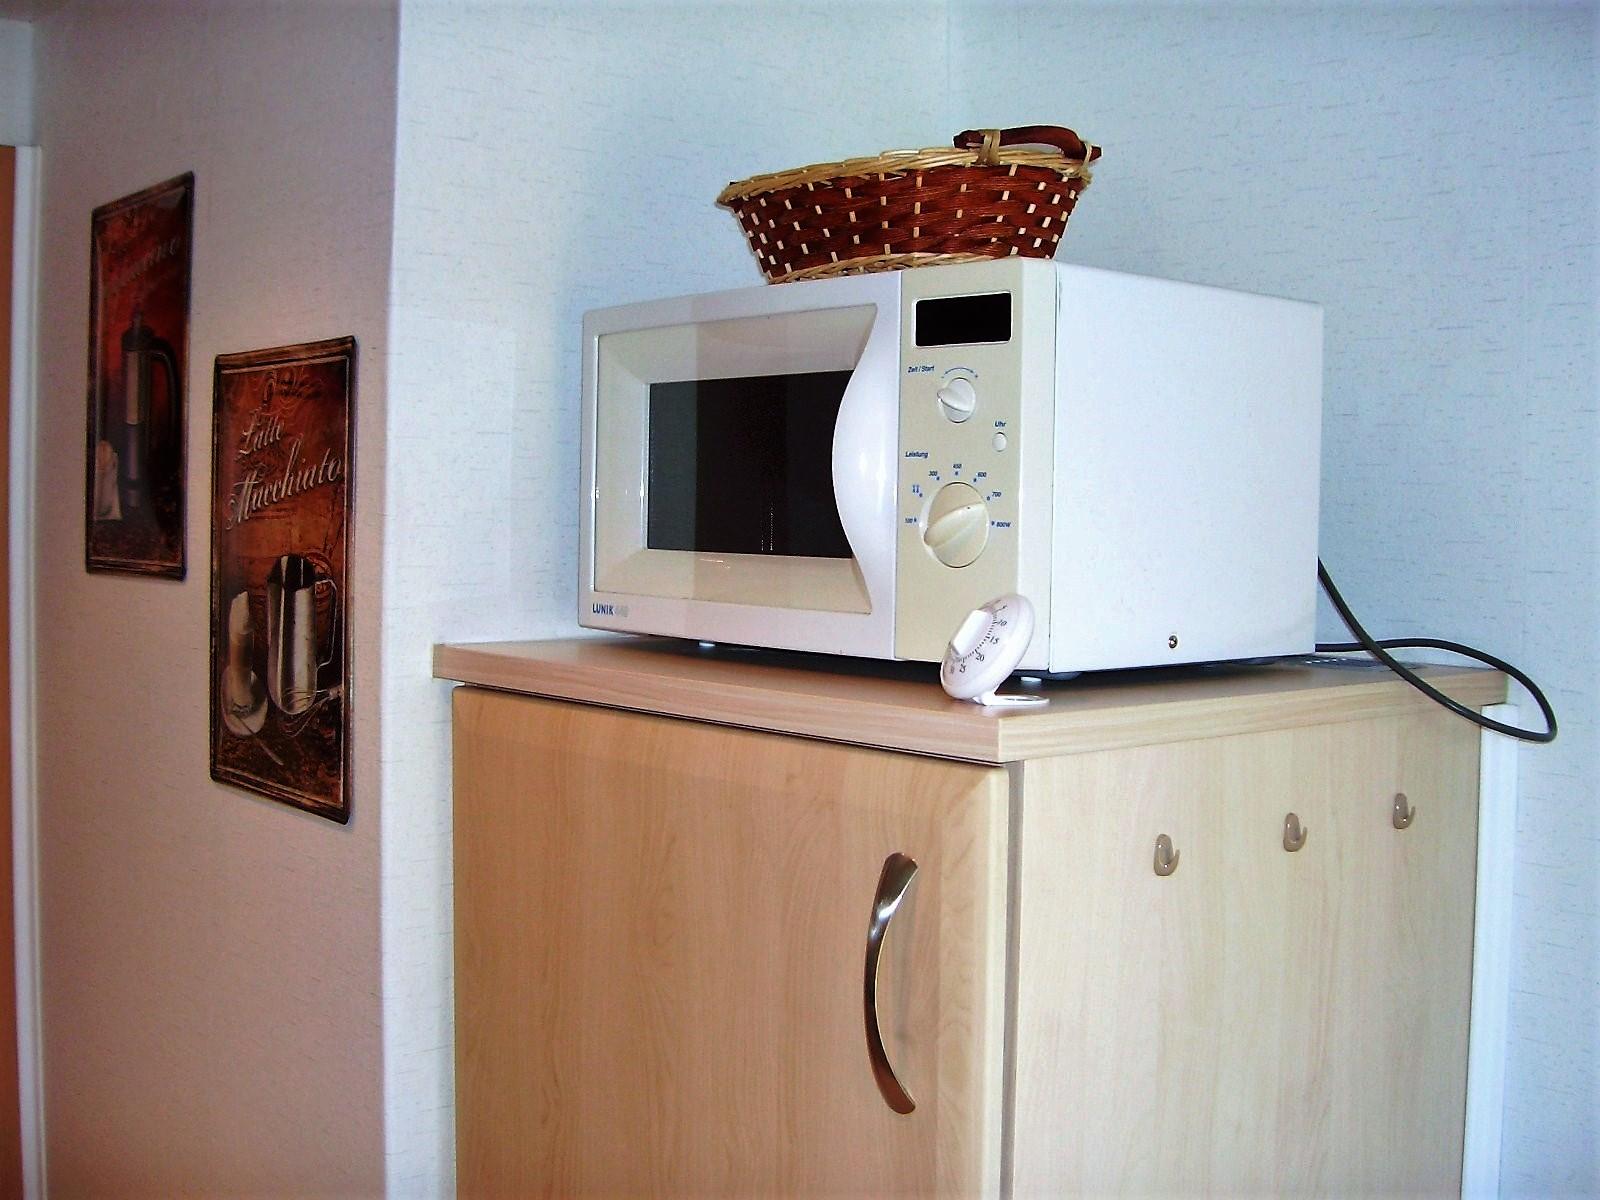 Foto von der Küche Microwelle